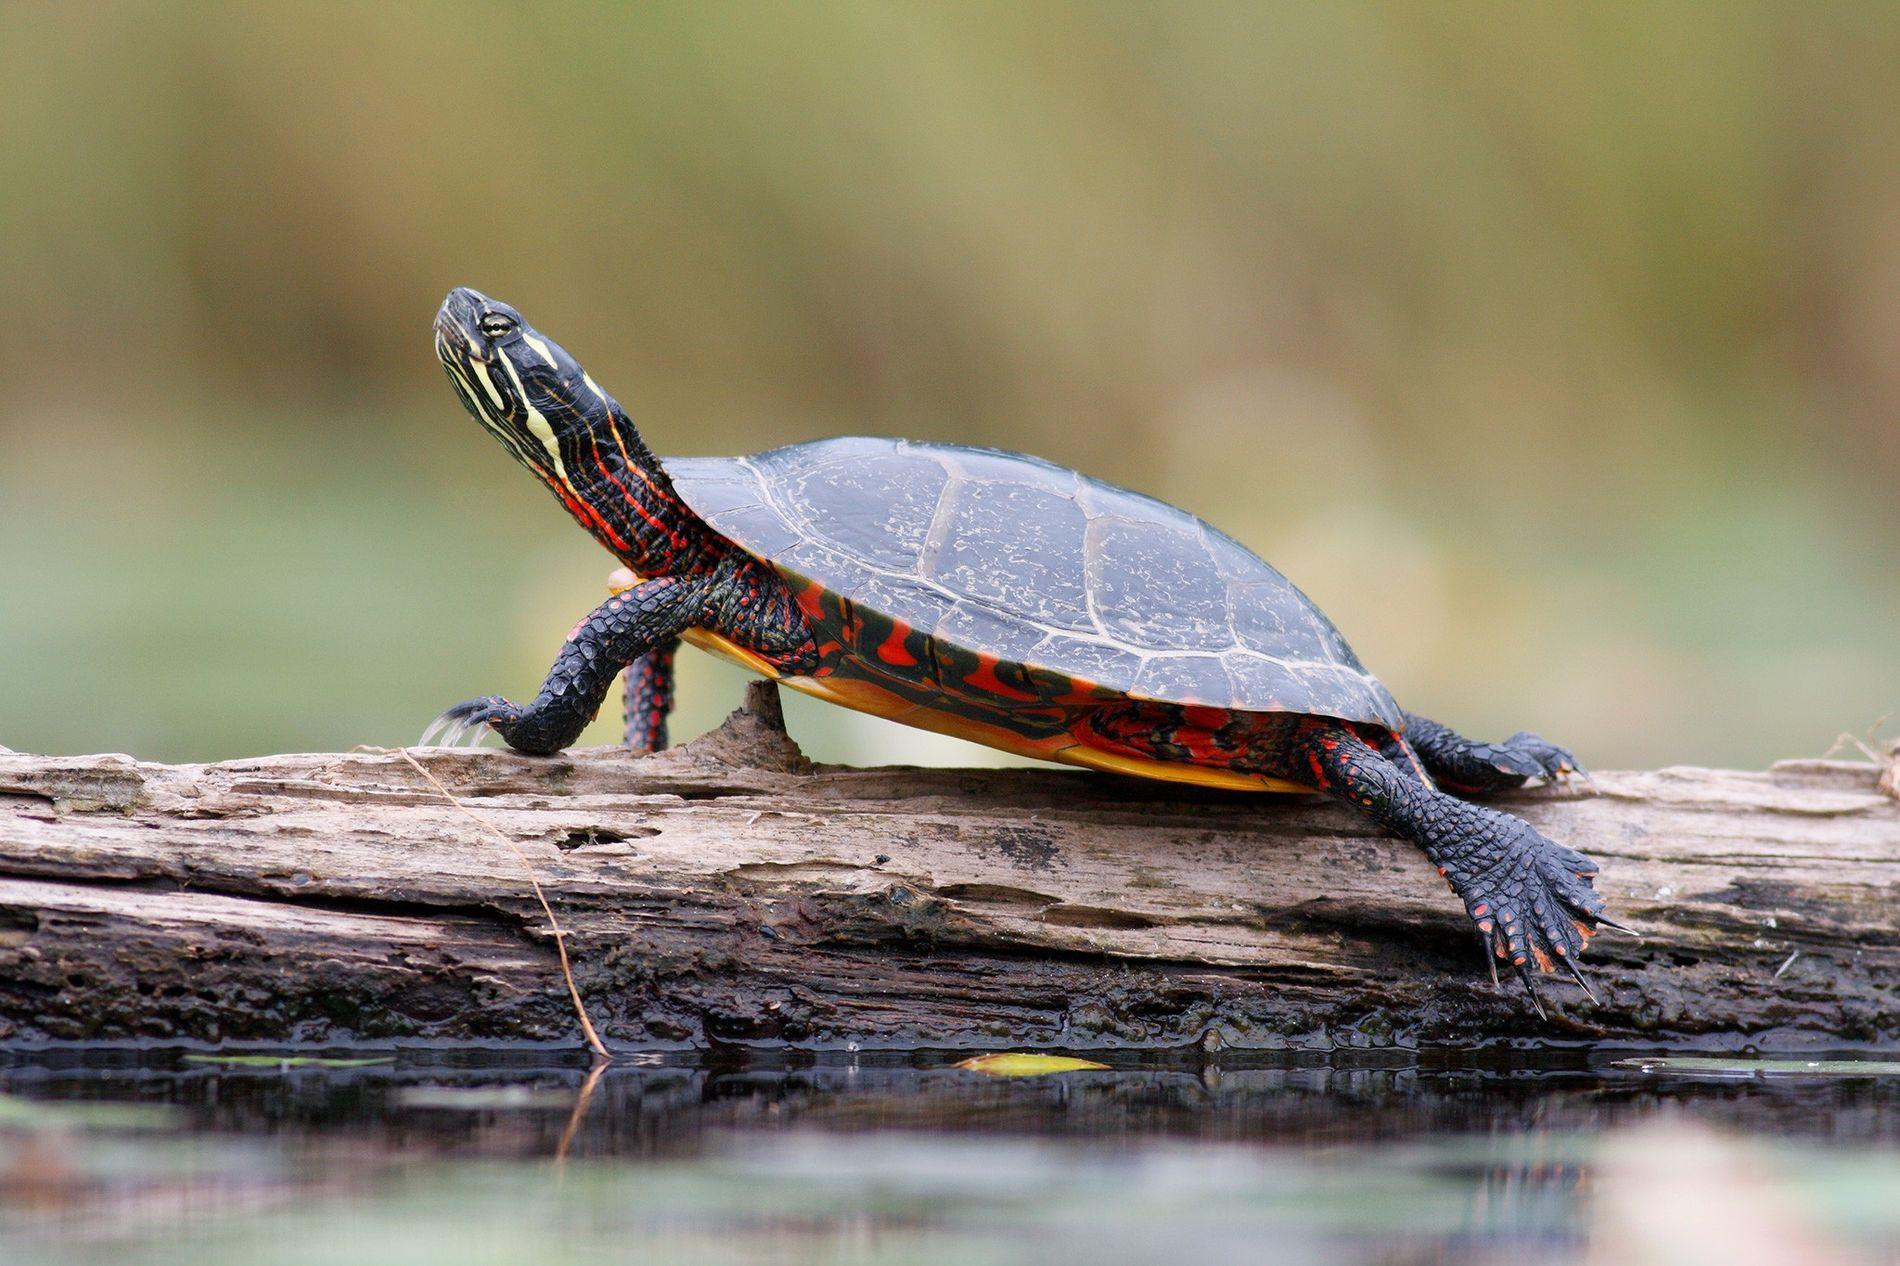 Una tortuga pintada toma el sol en un tronco del lago West Stoney, Nueva Escocia.